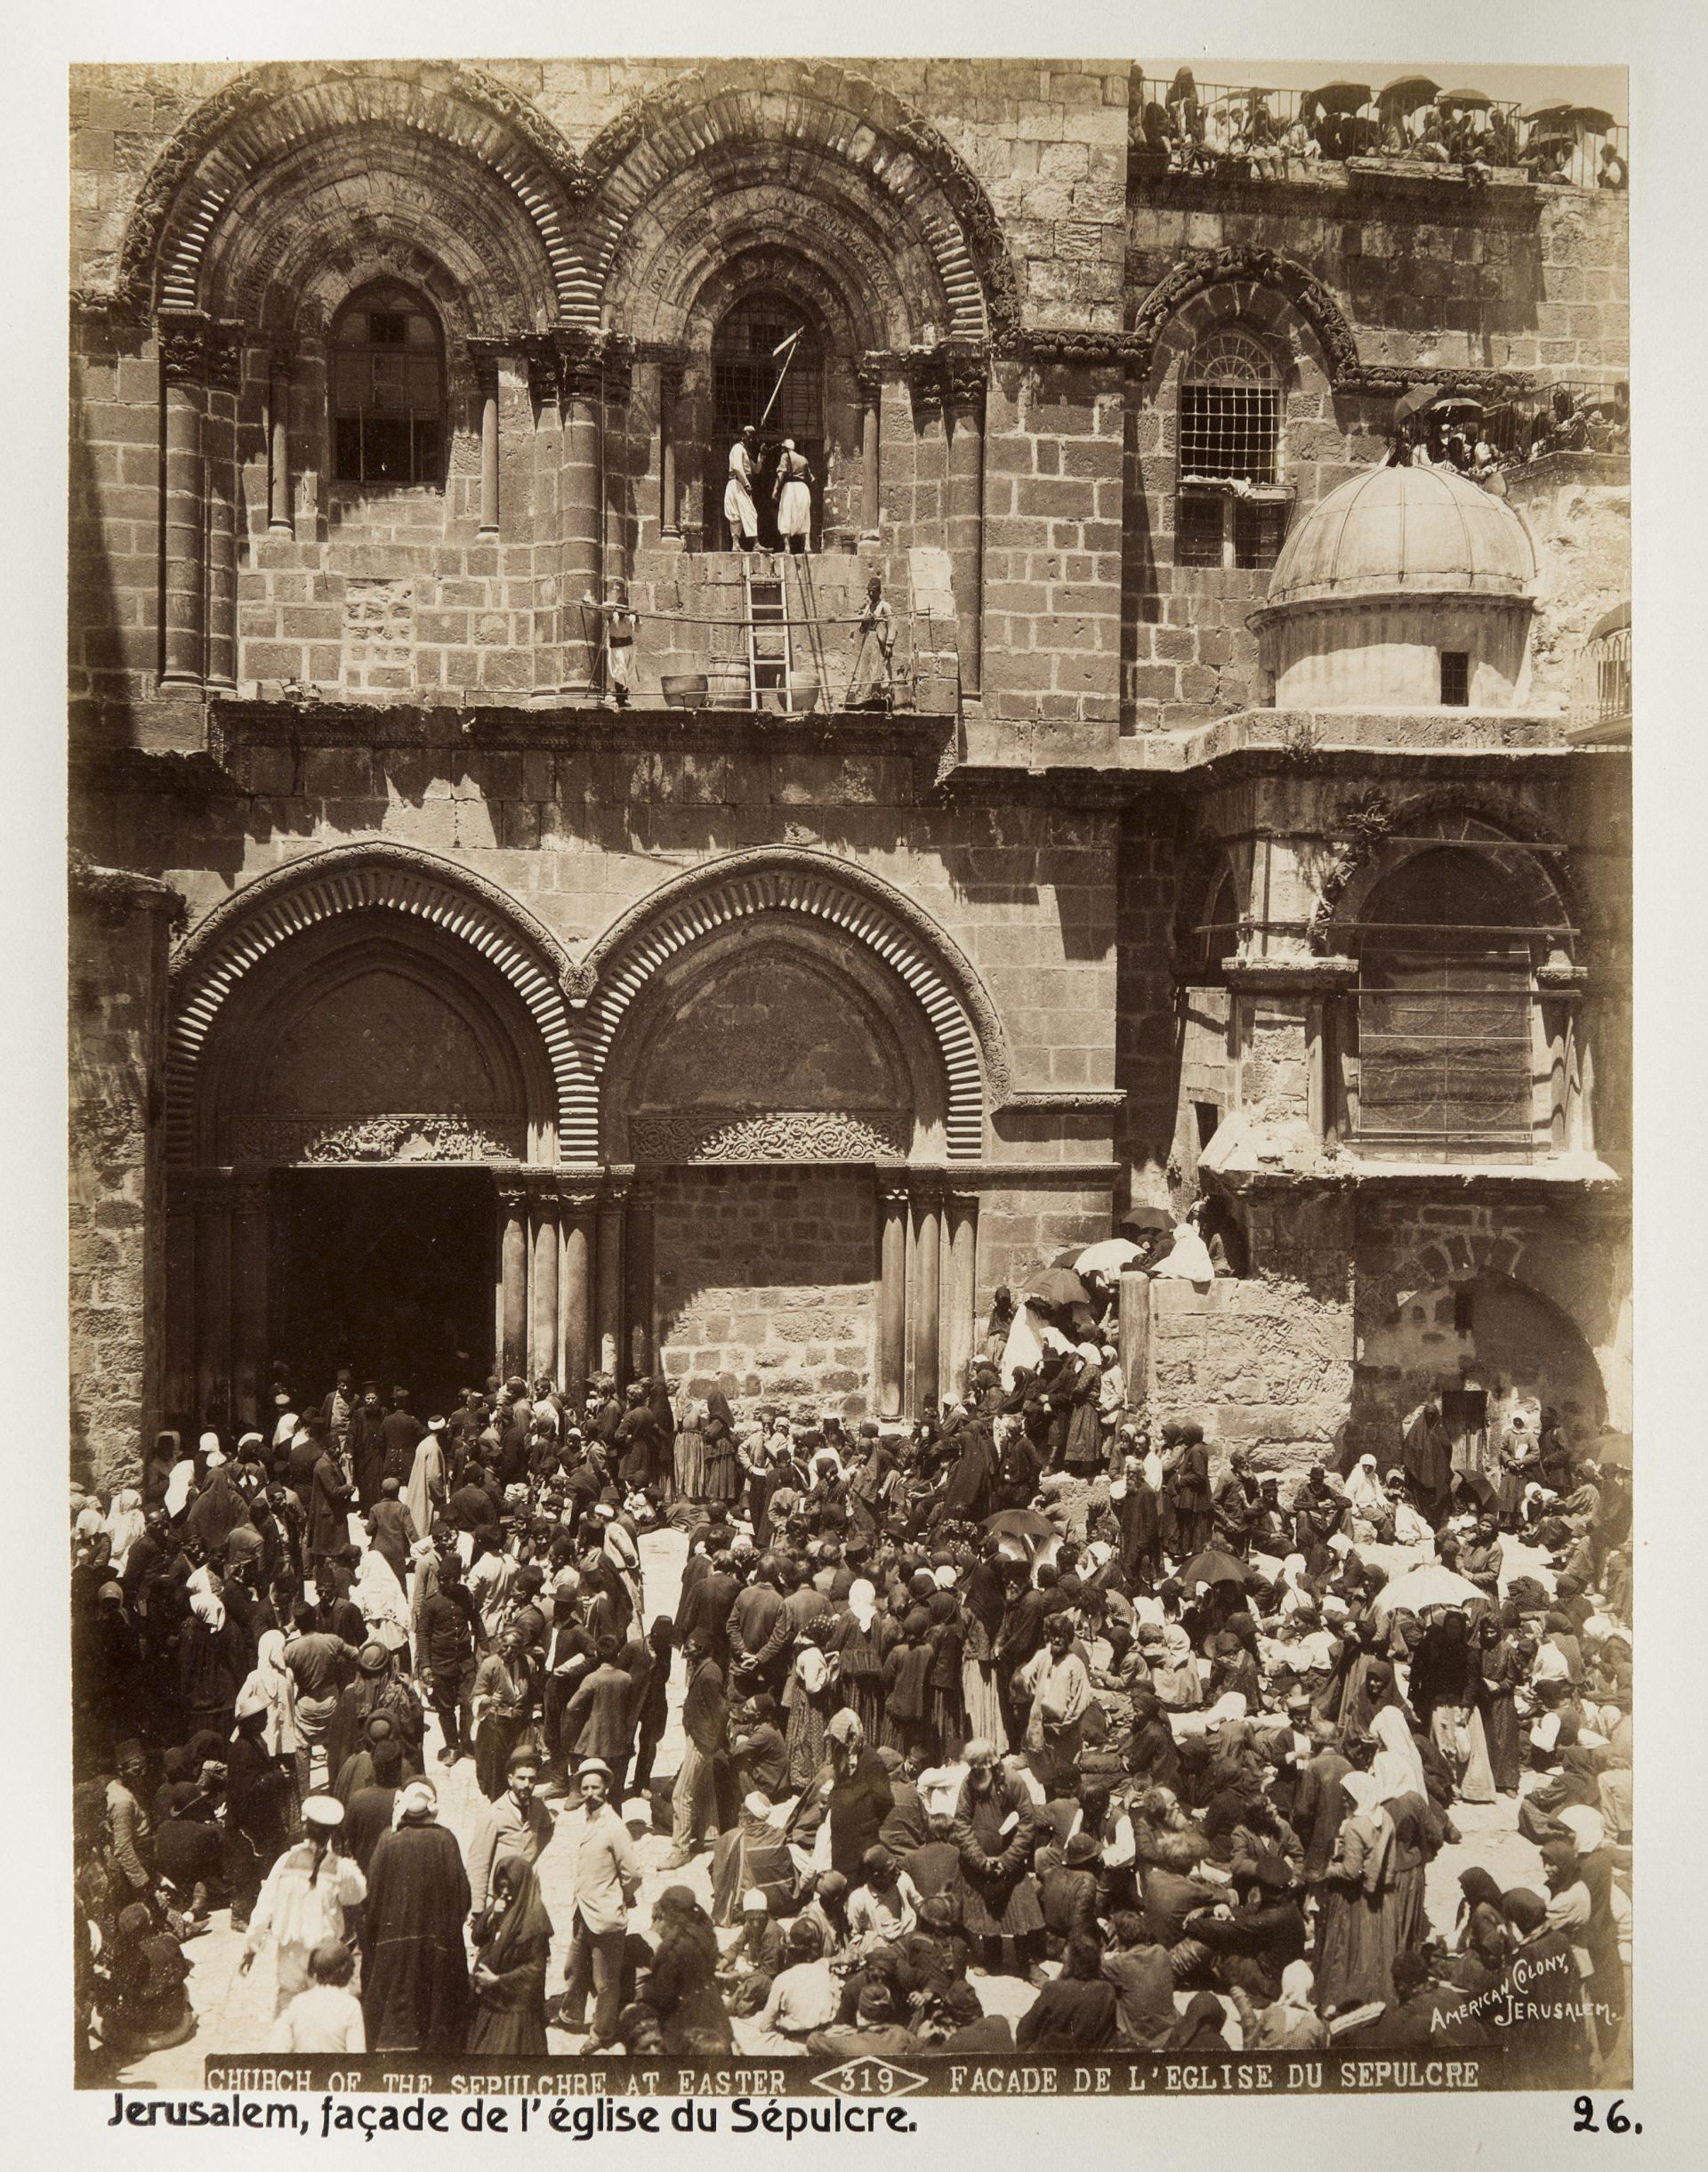 Massor av människor som trängs framför en kyrka.